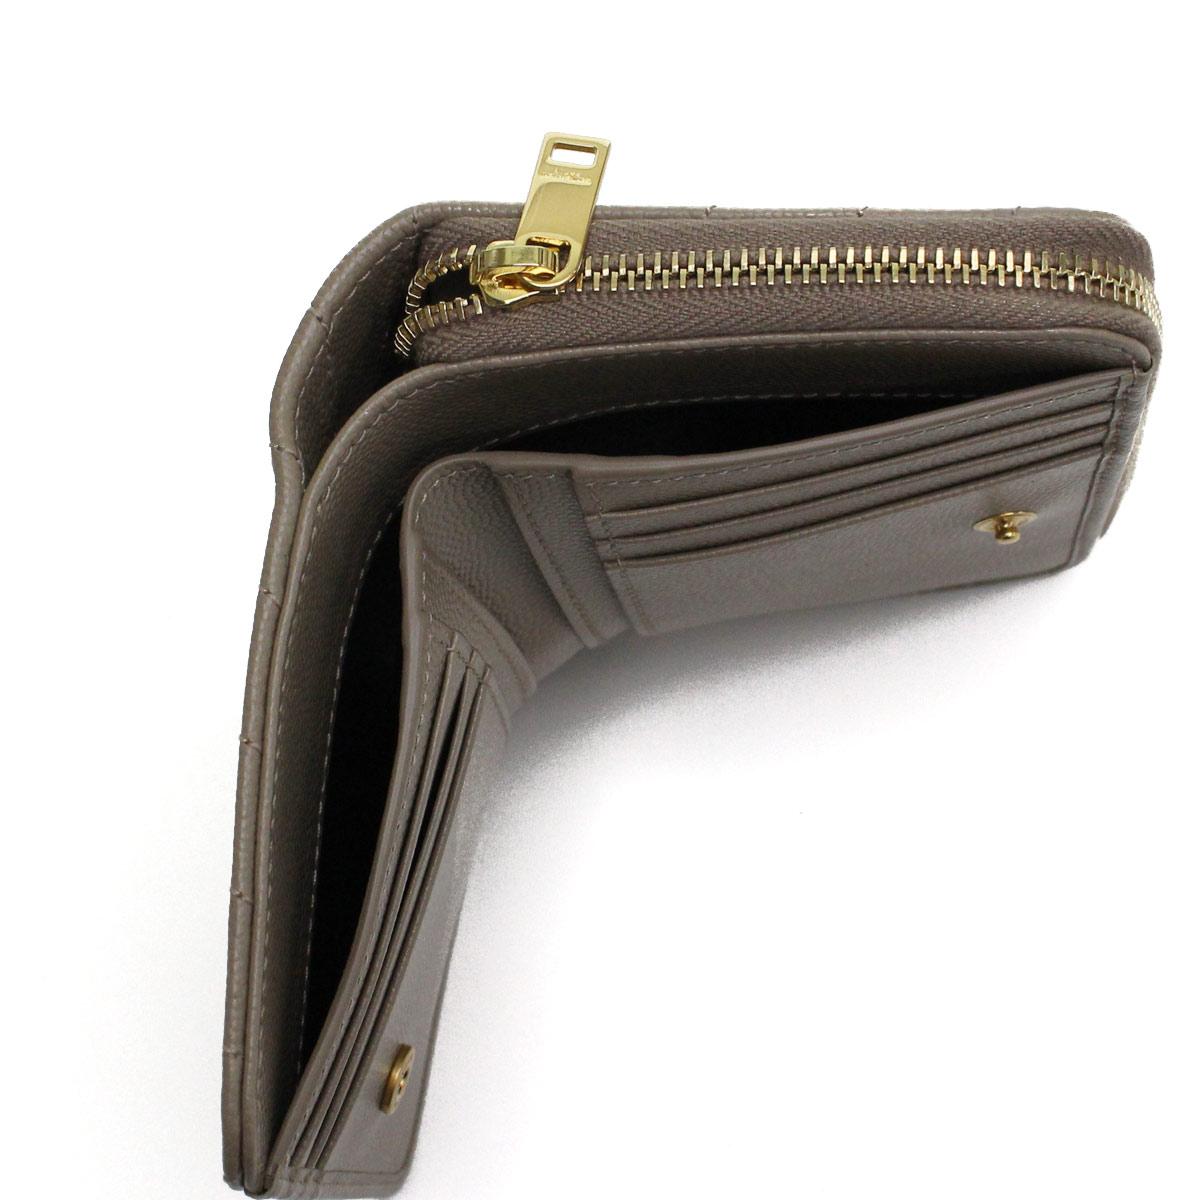 サンローラン SAINT LAURENT MONOGRAM MATELASSE コンパクト財布 2つ折り財布 403723 BOW01 1722 ベージュ系 レディース